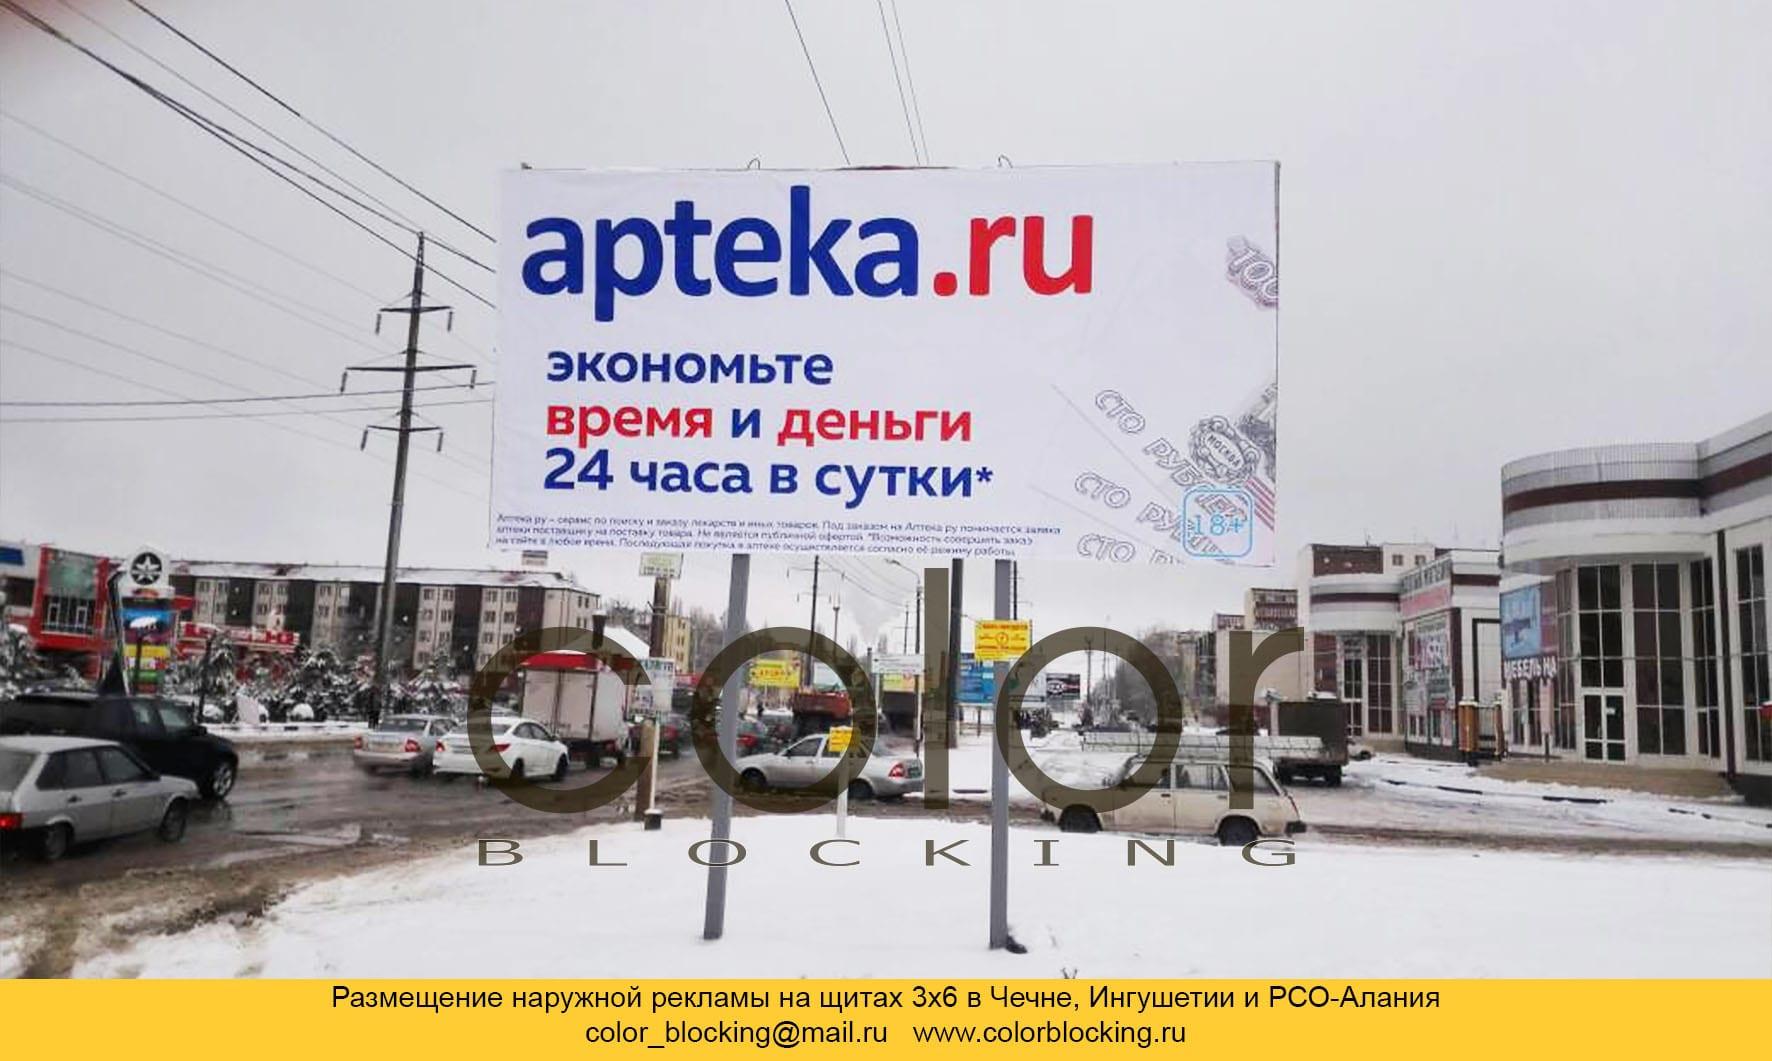 наружная реклама в Чечне Ионисианина